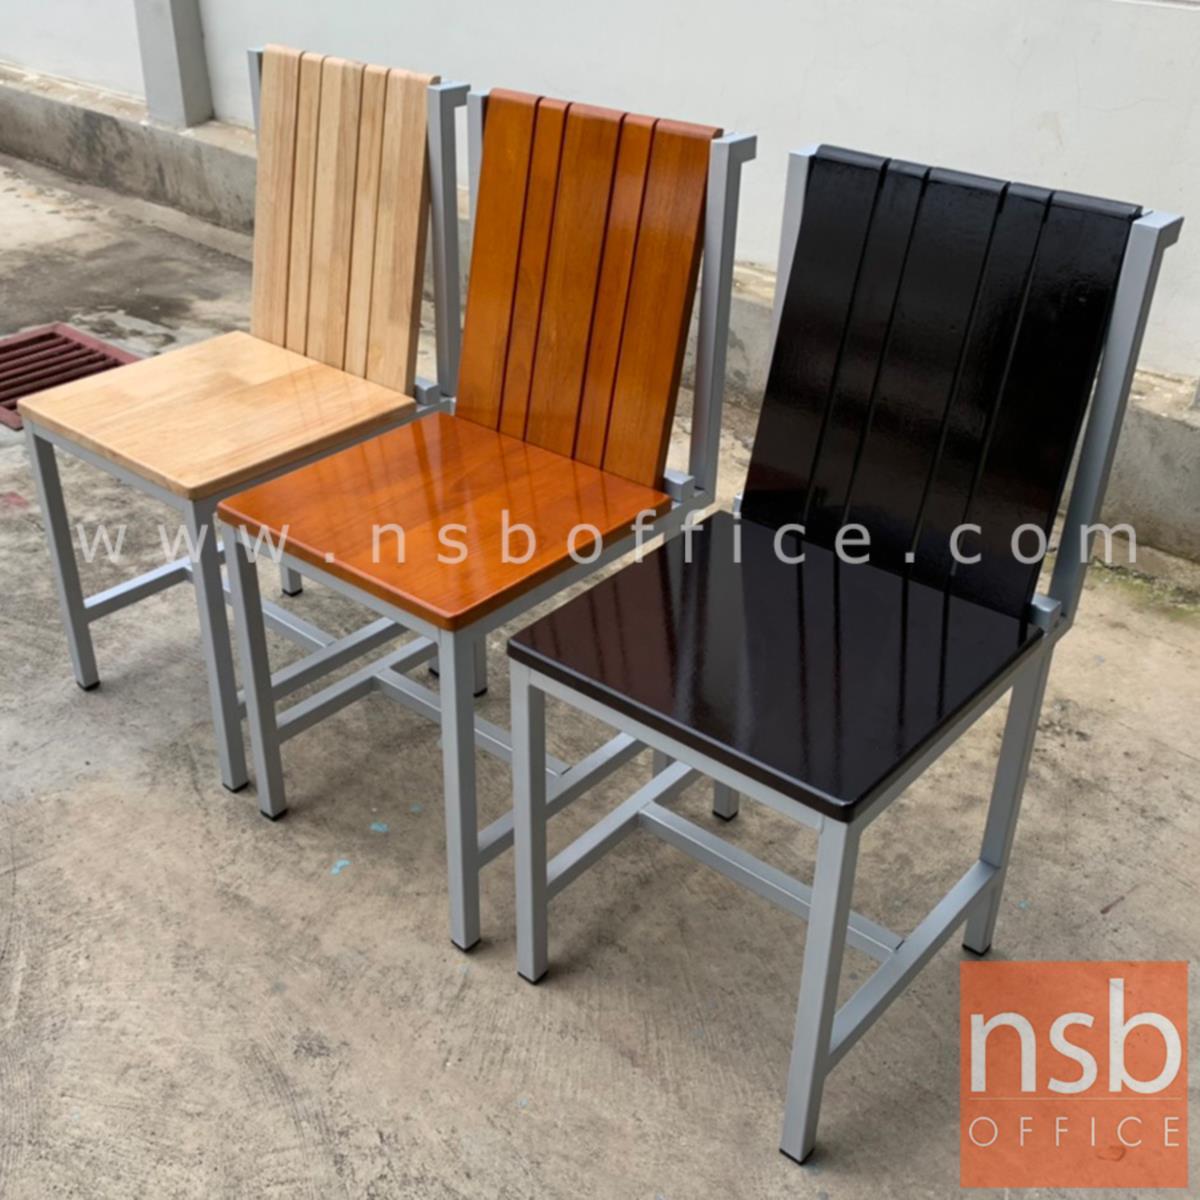 เก้าอี้อเนกประสงค์ไม้ รุ่น CHAMPAKA (จัมปากา)  โครงขาสีเทา